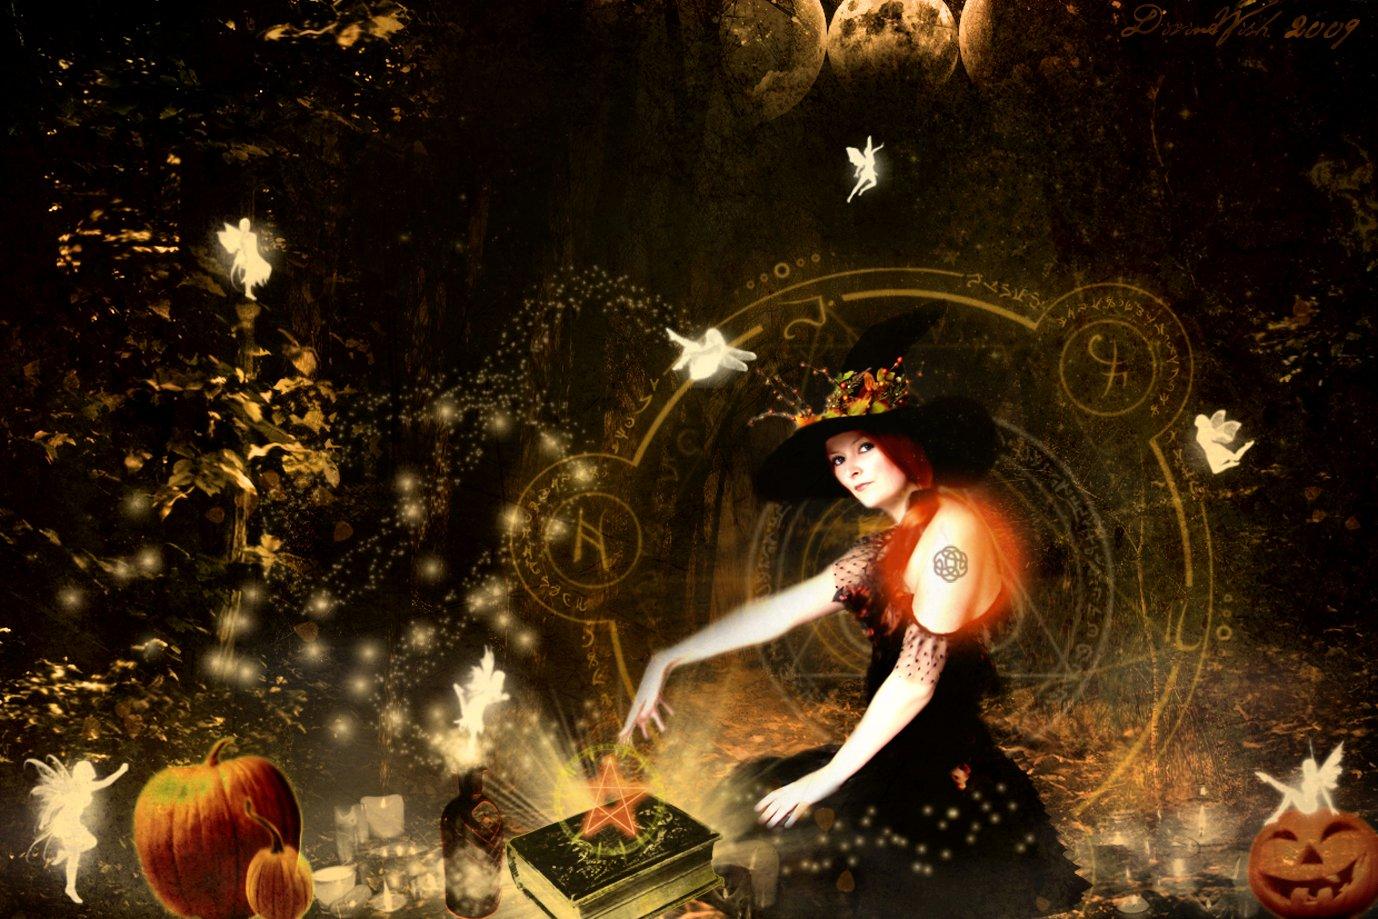 wicca the hidden children of the wicca spells wiccan spells love 1378x919